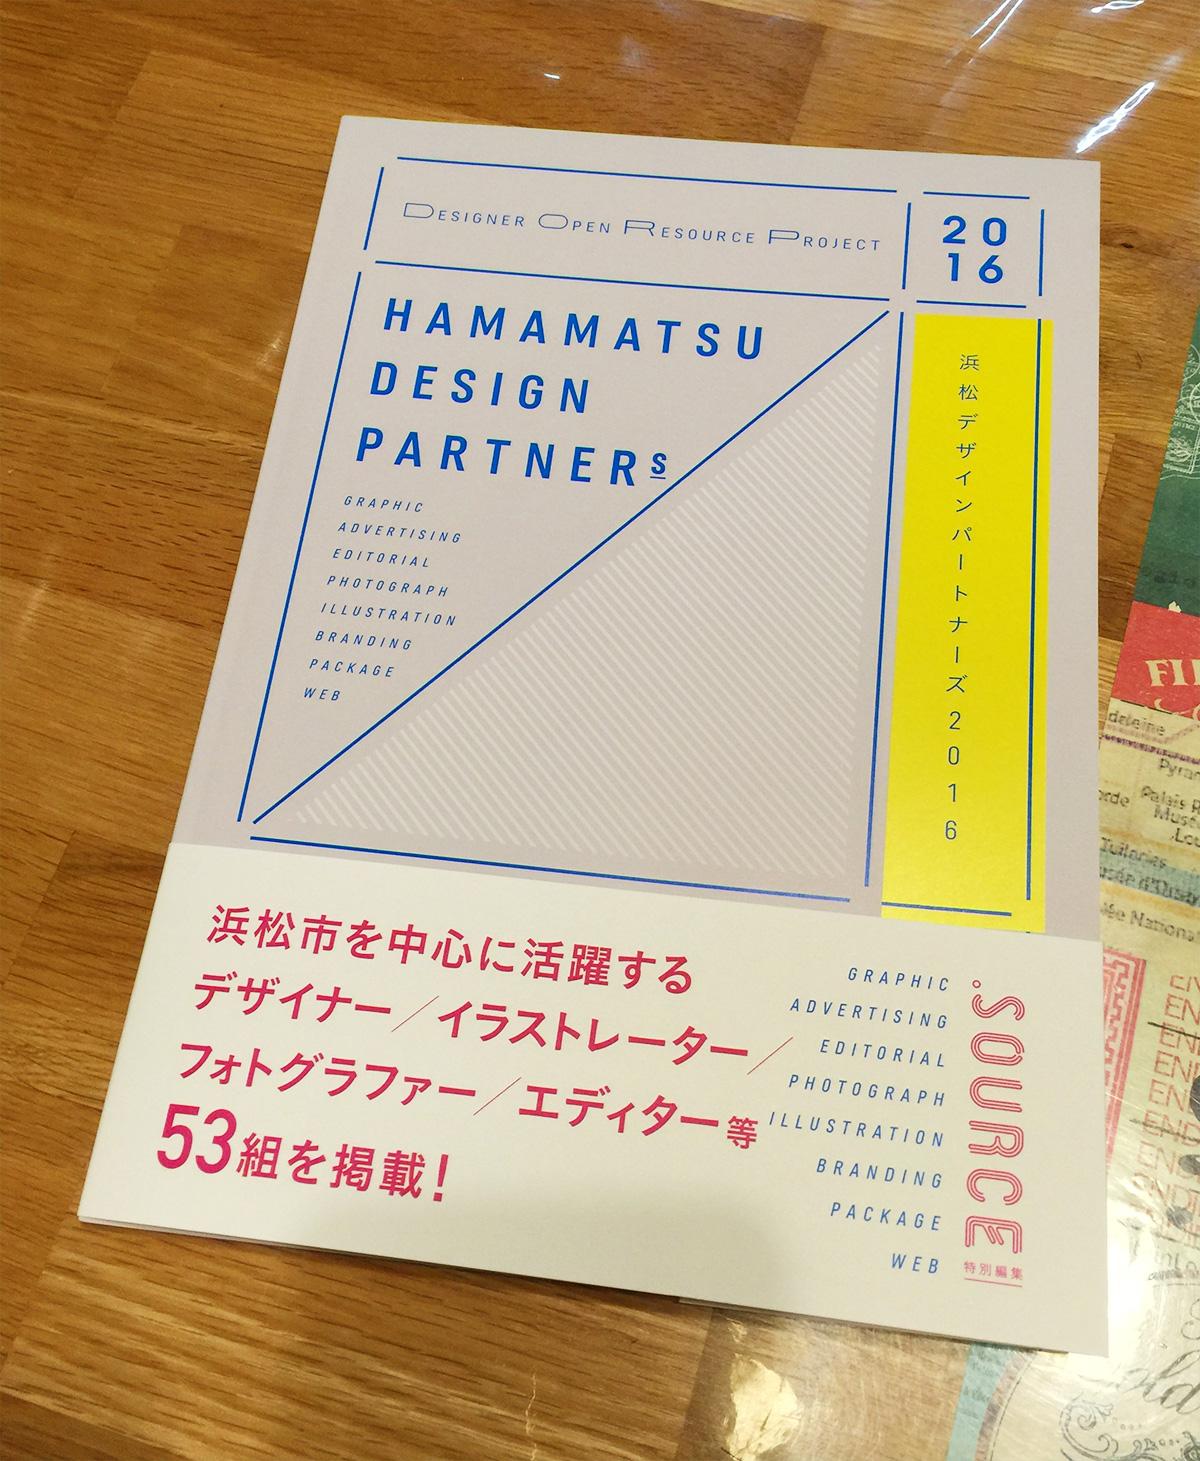 DORP 浜松デザインパートナーズ2016